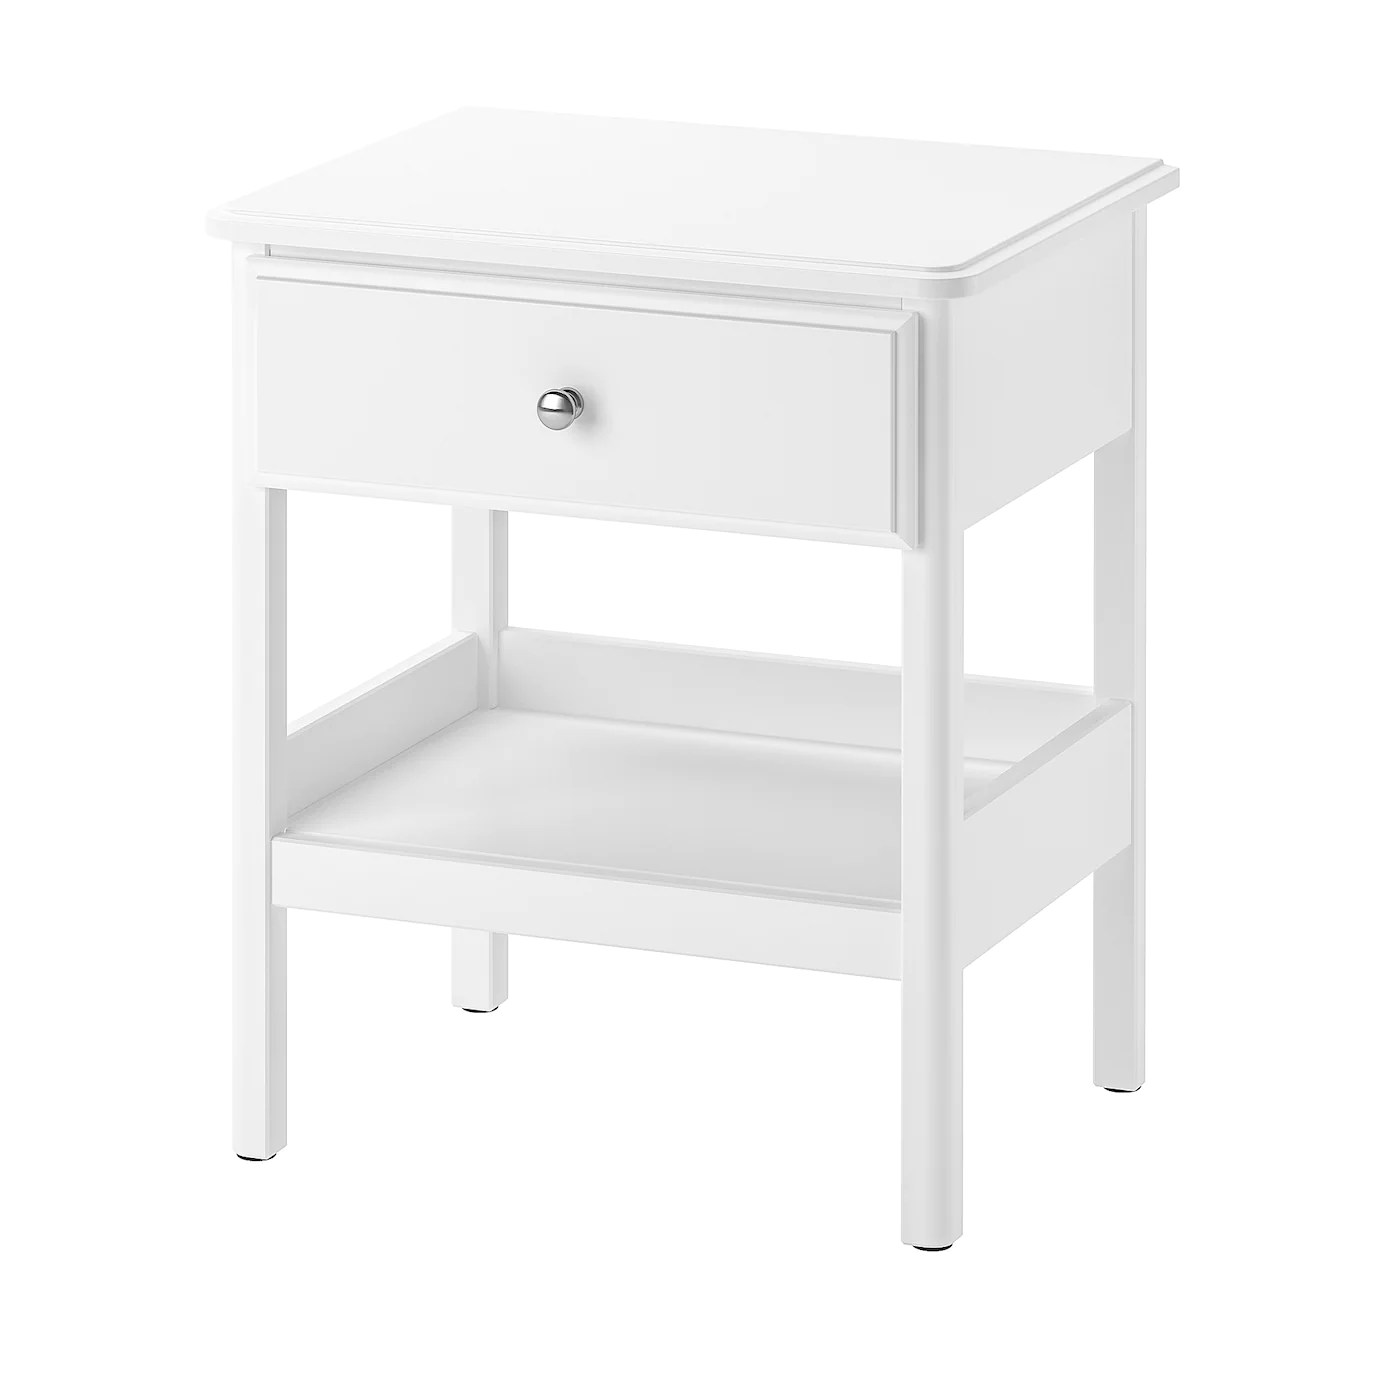 Chevet Ikea Meuble De Salon Kijiji Saguenay Unique Table De Chevet